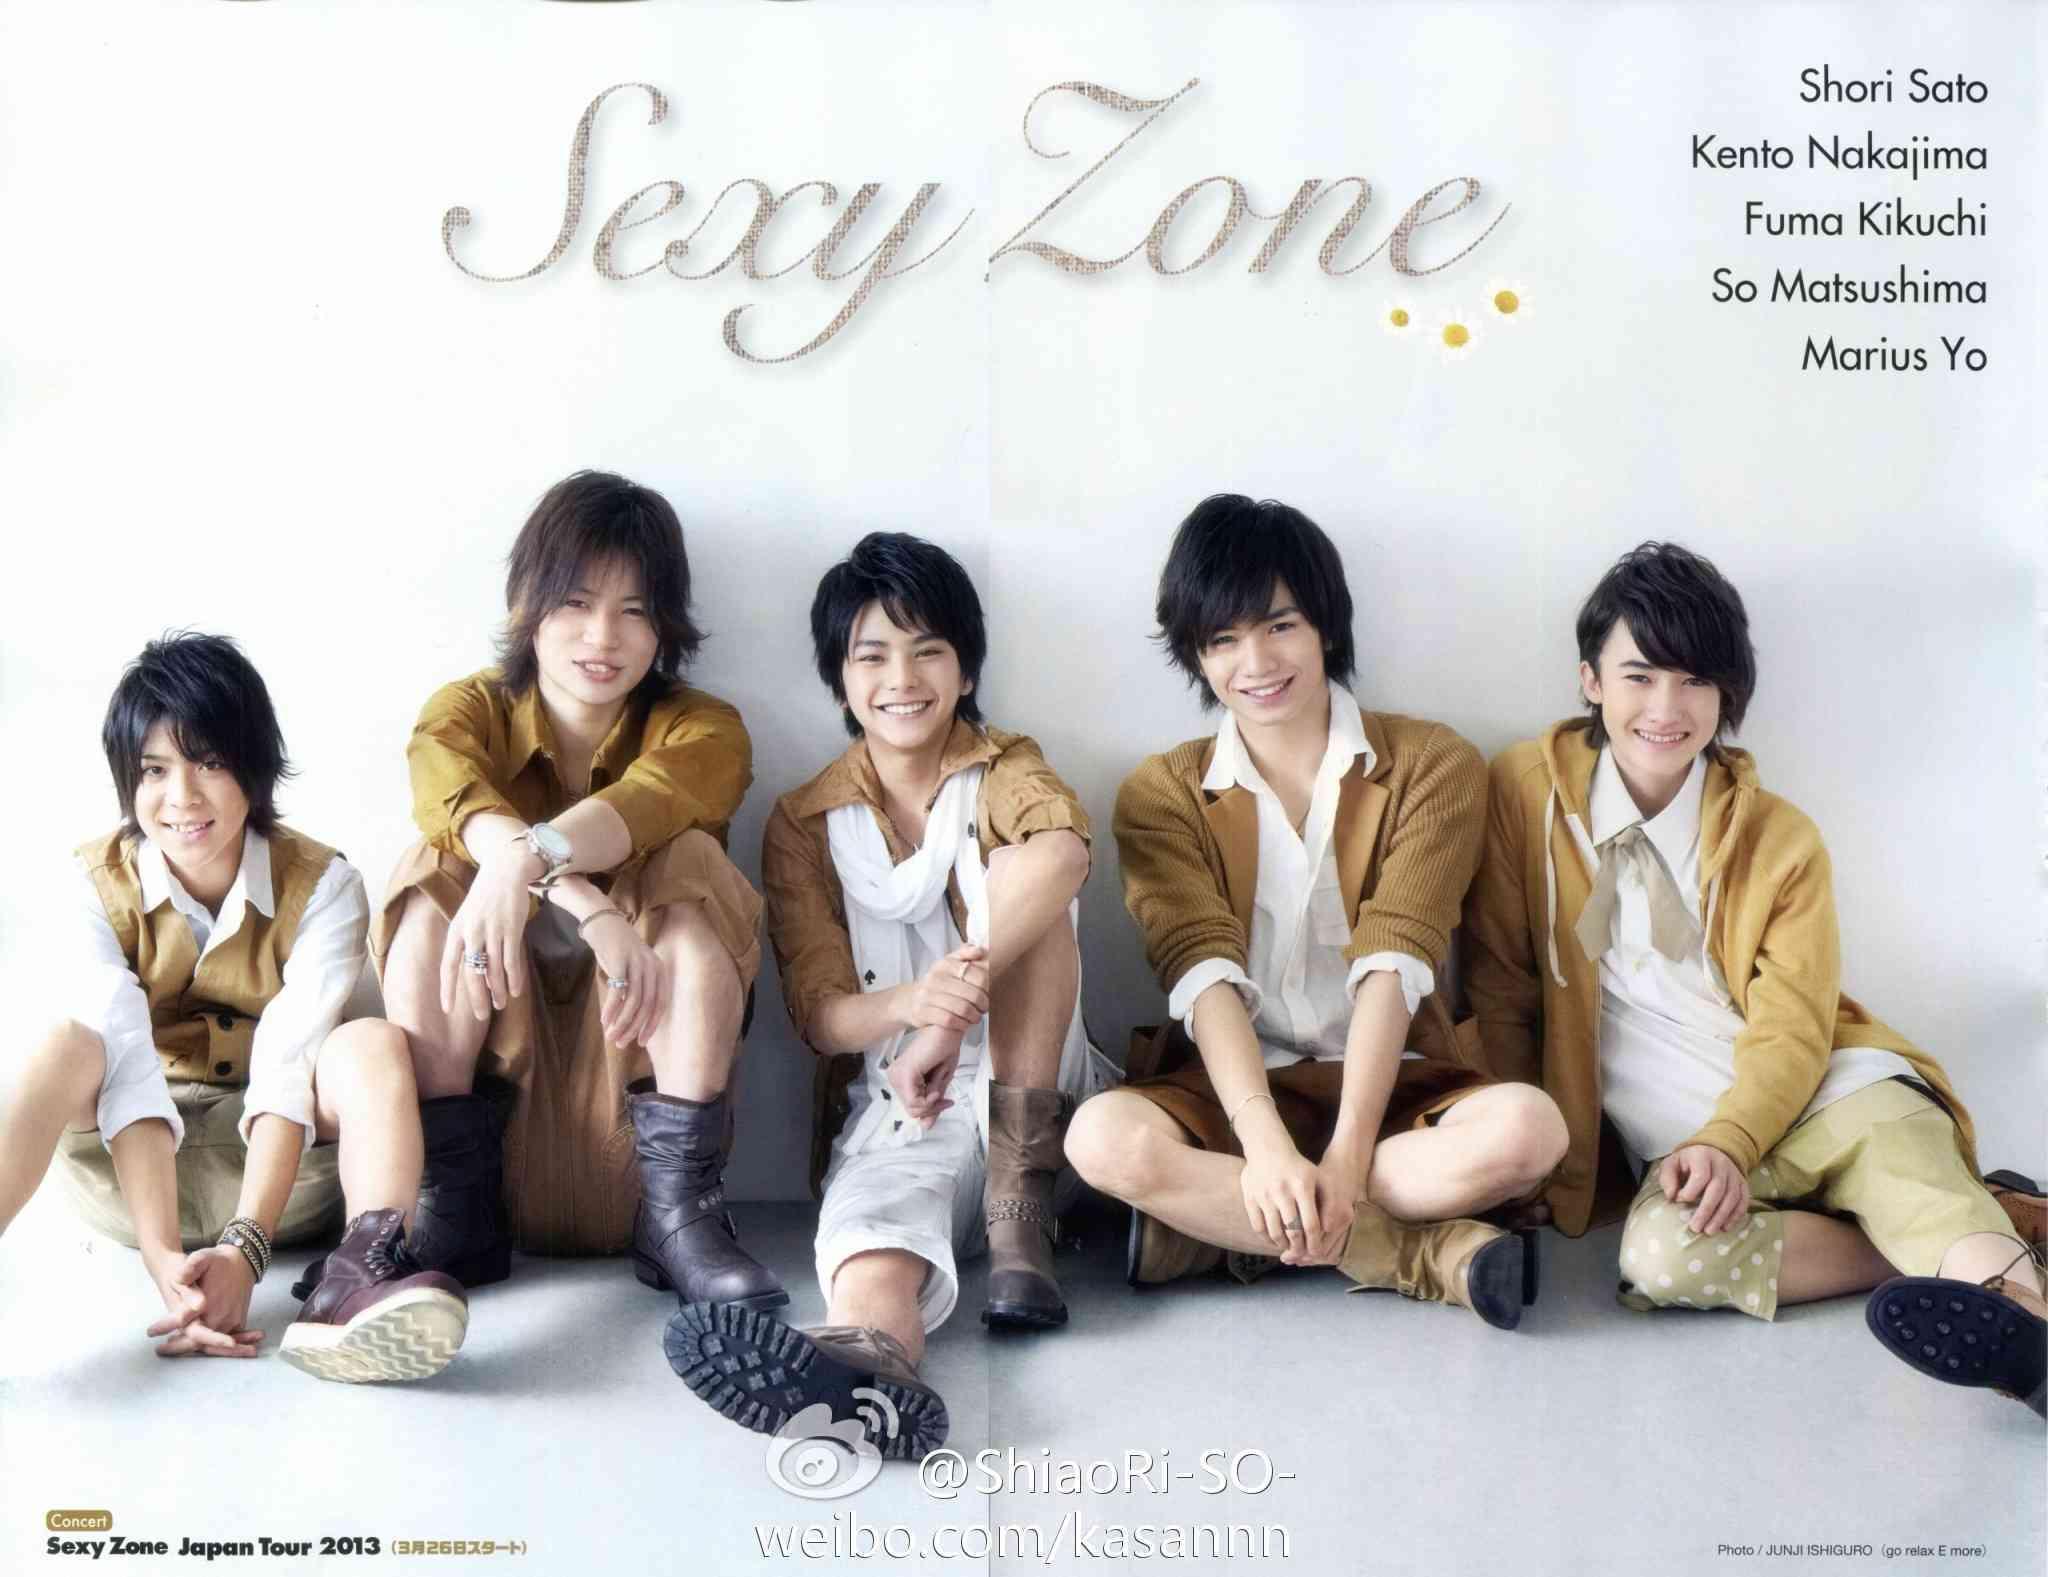 Mステ スーパーライブ2014 Sexy Zoneでやらせ・仕込み発覚ww